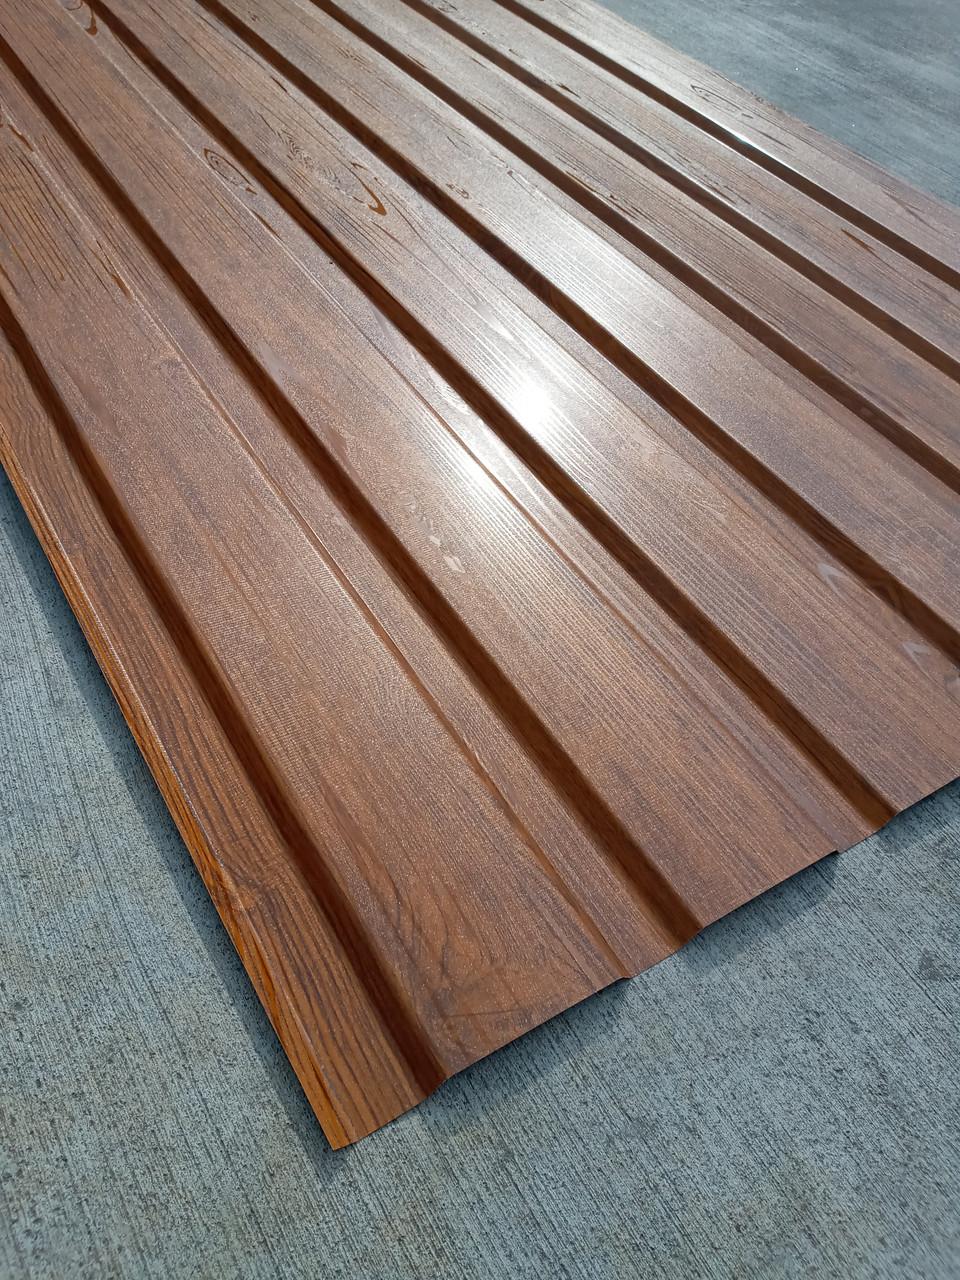 Профнастил с объемным рисунком  дерева 3D wood, размер листа 1,50мХ1,16м